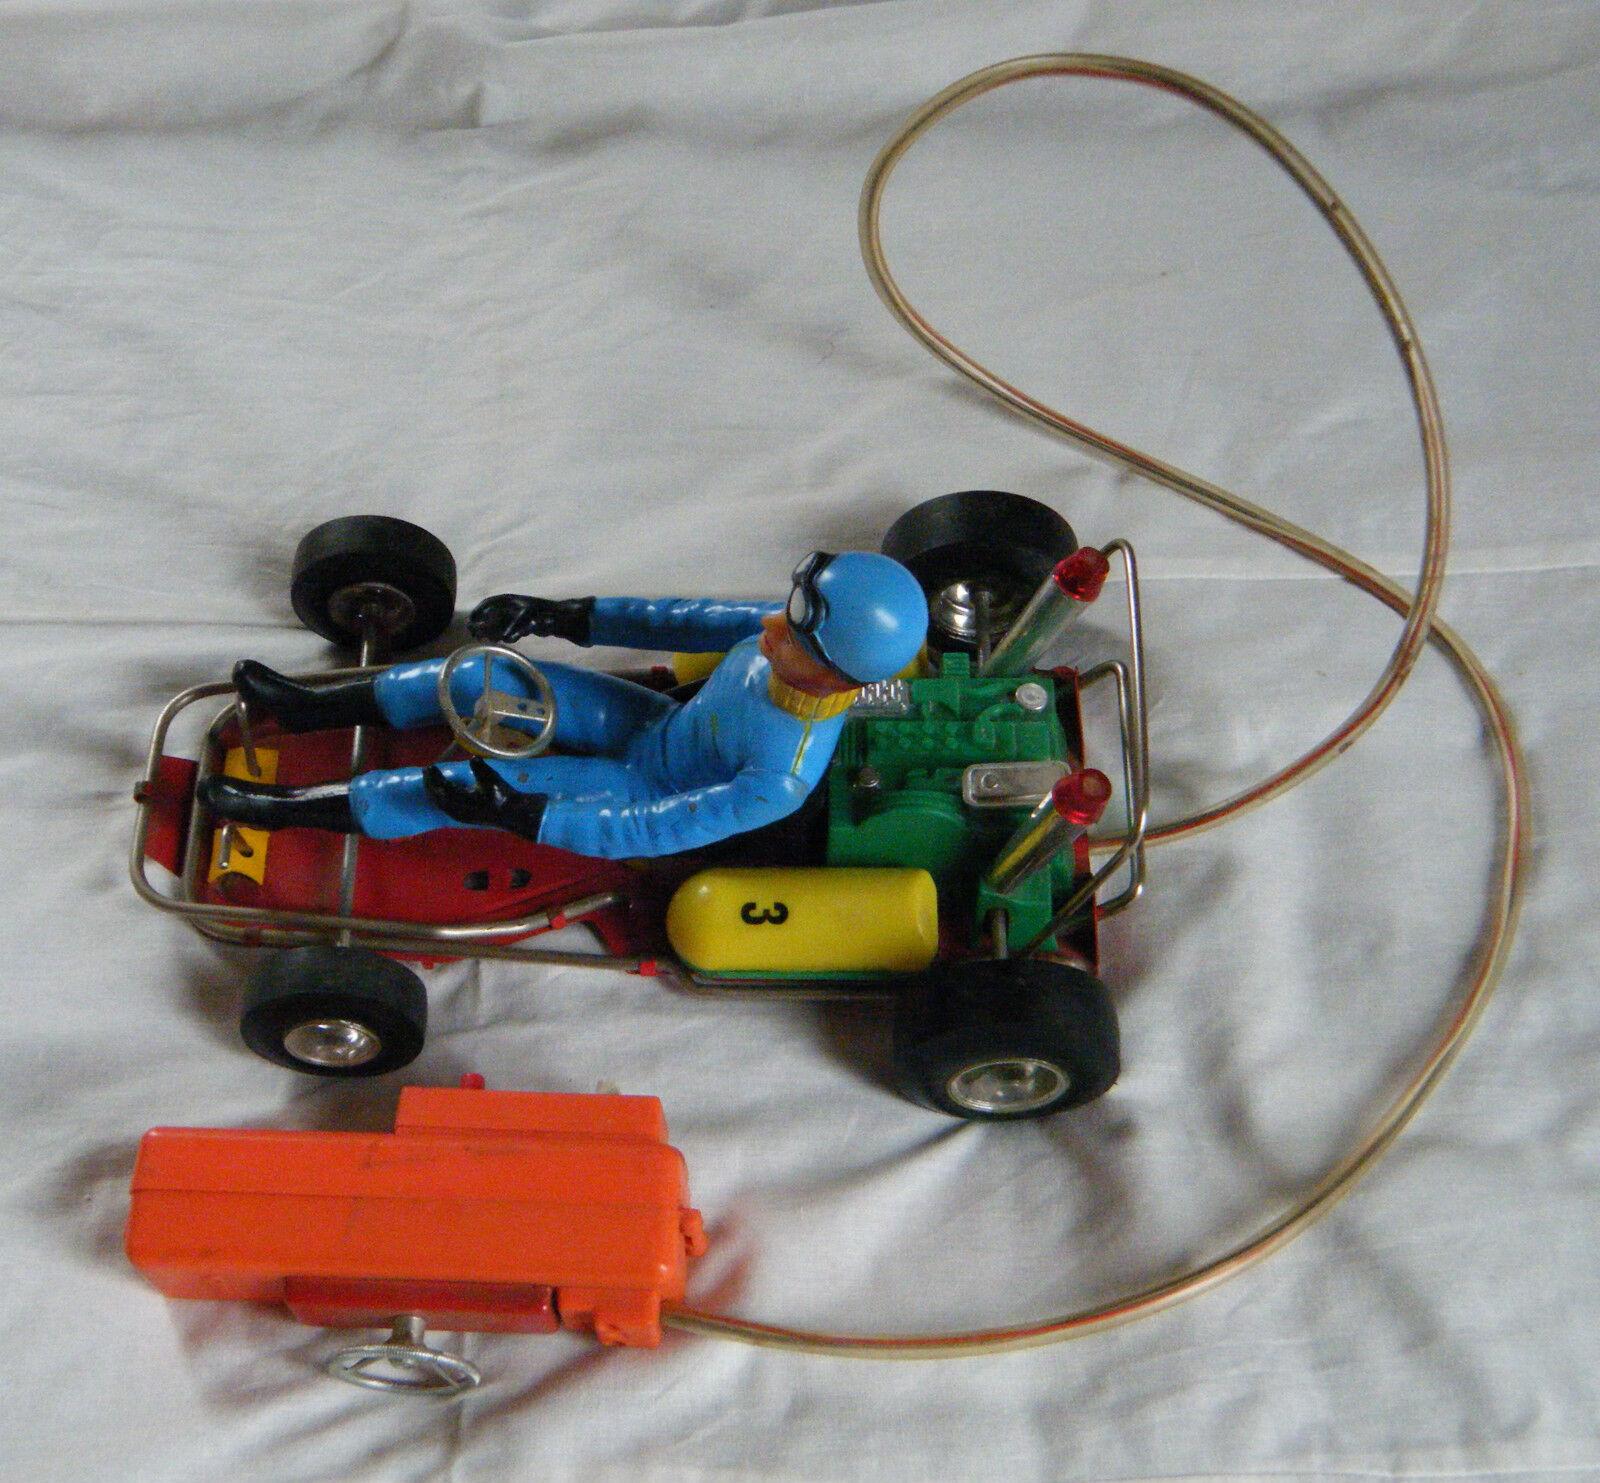 Jouet ancien karting télécommandé-CLIM- 2 piles- 60'